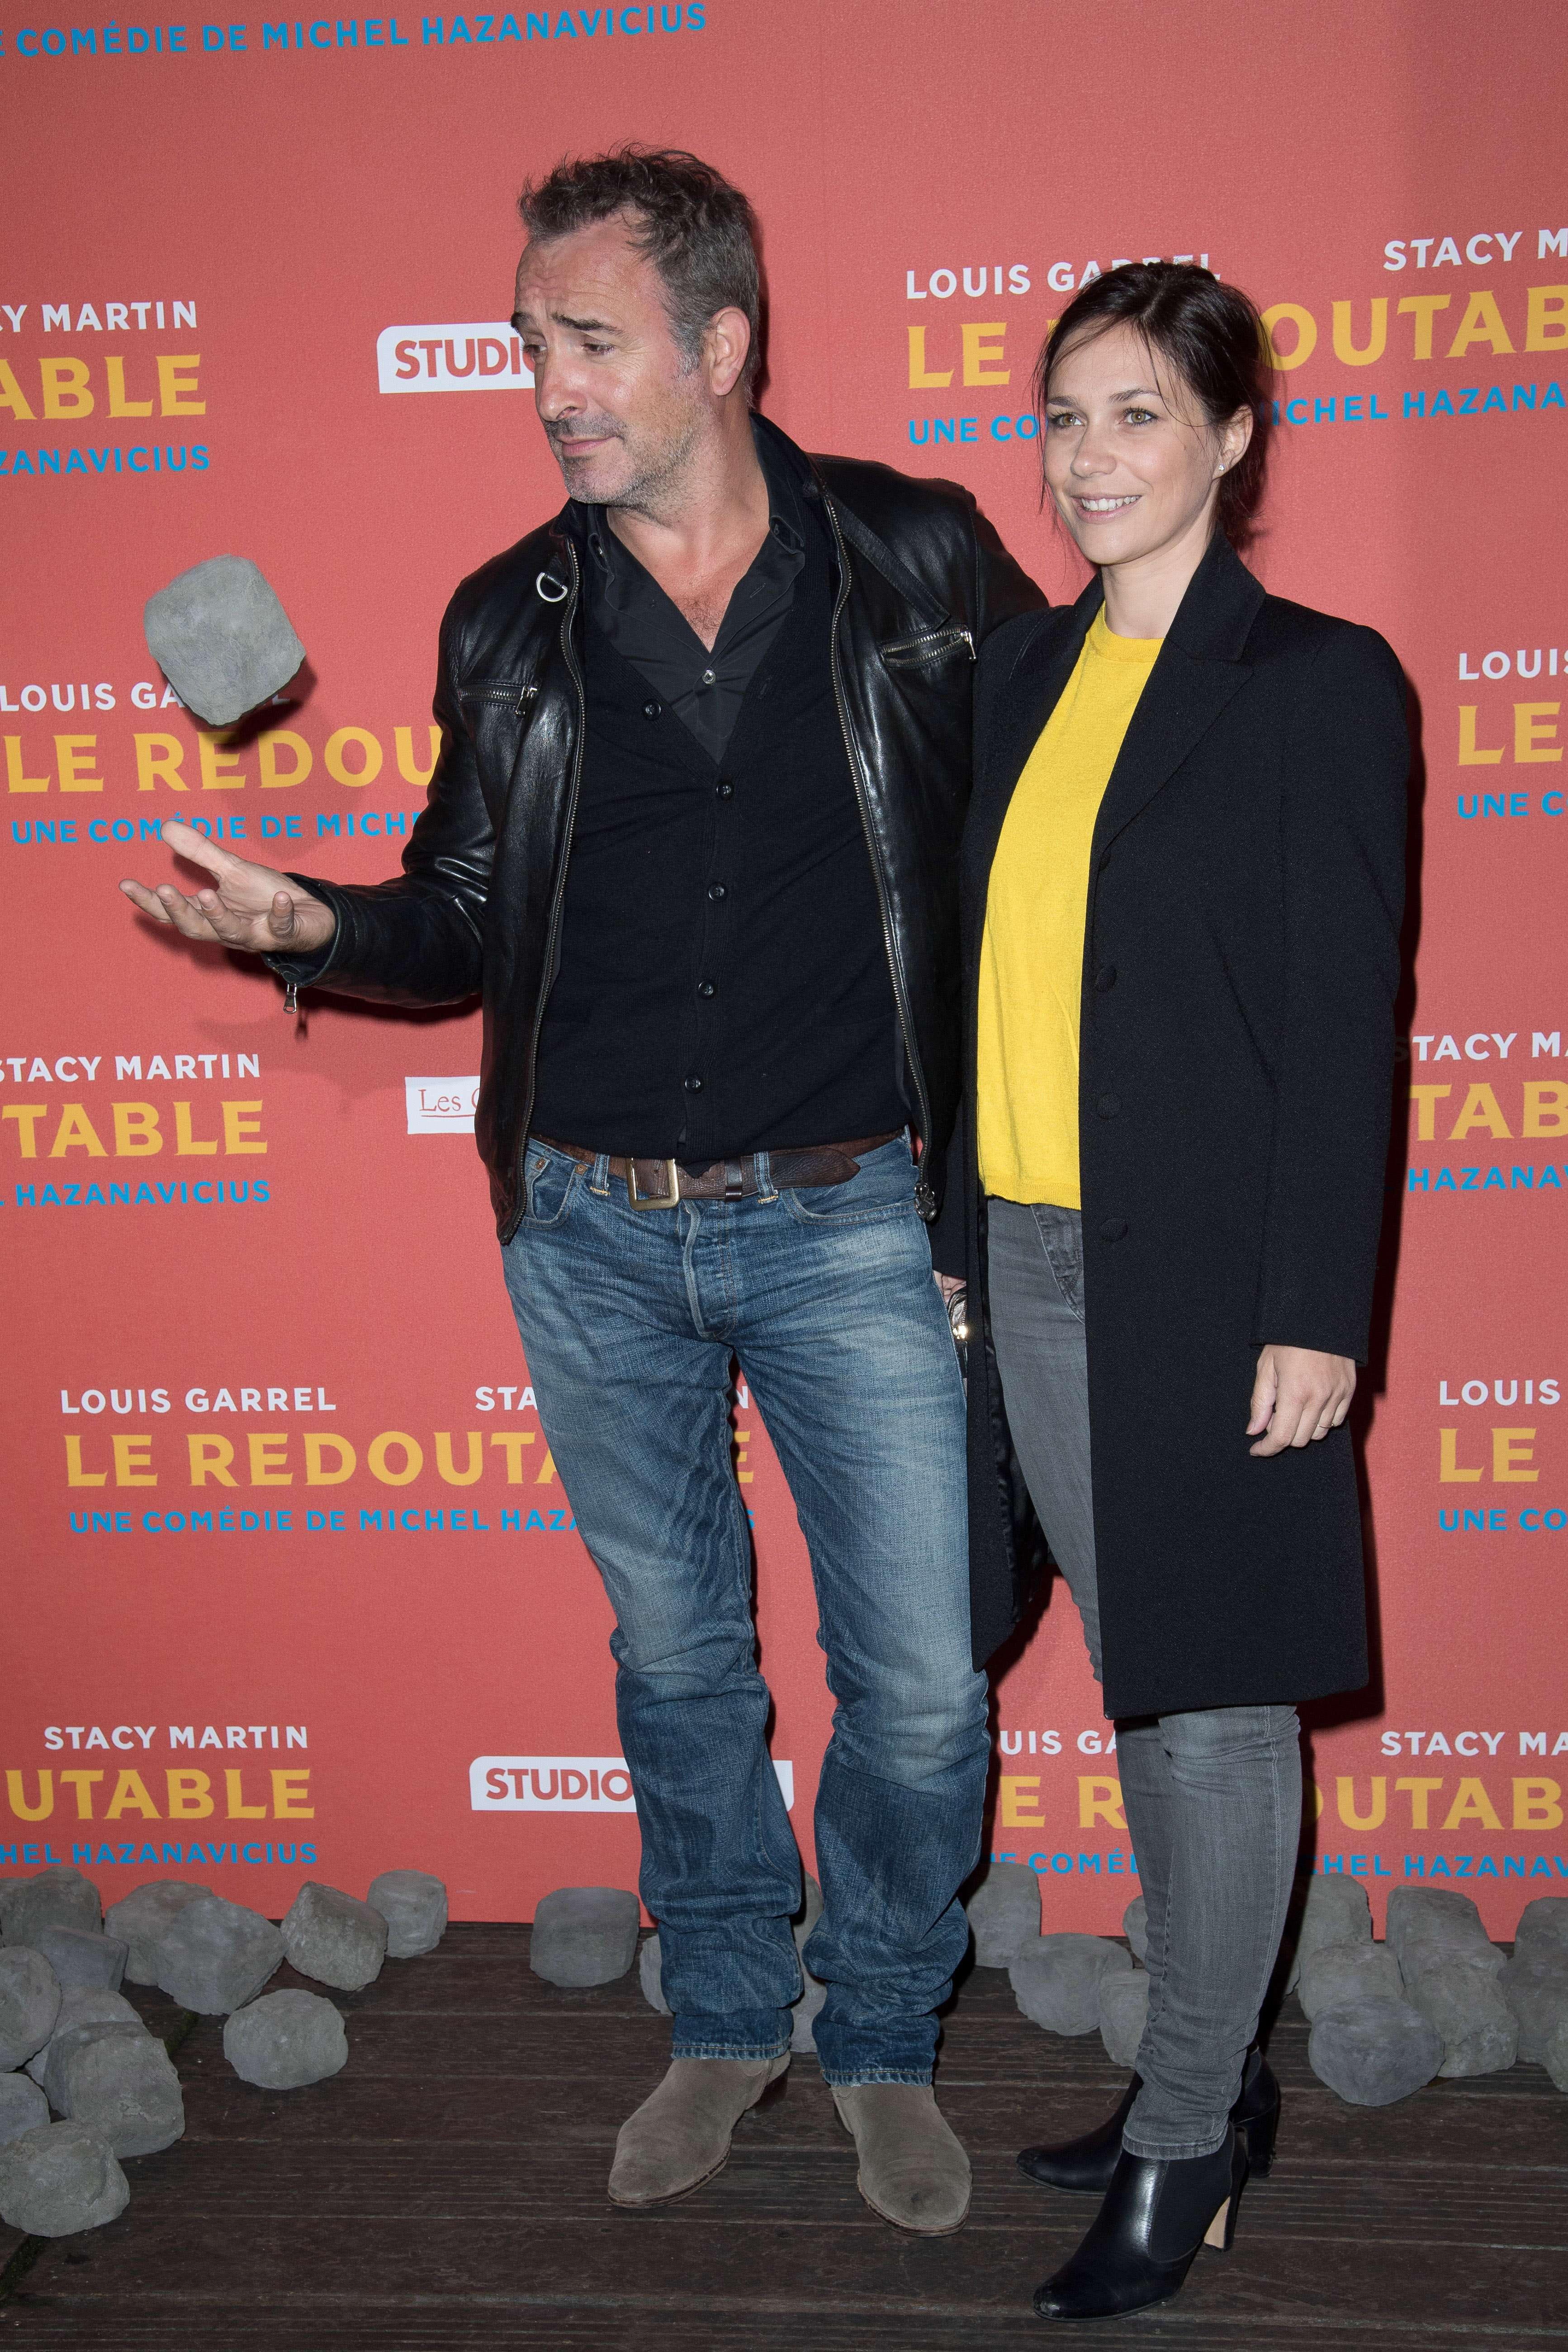 Jean dujardin et nathalie p chalat affichent leur amour for Dujardin 94